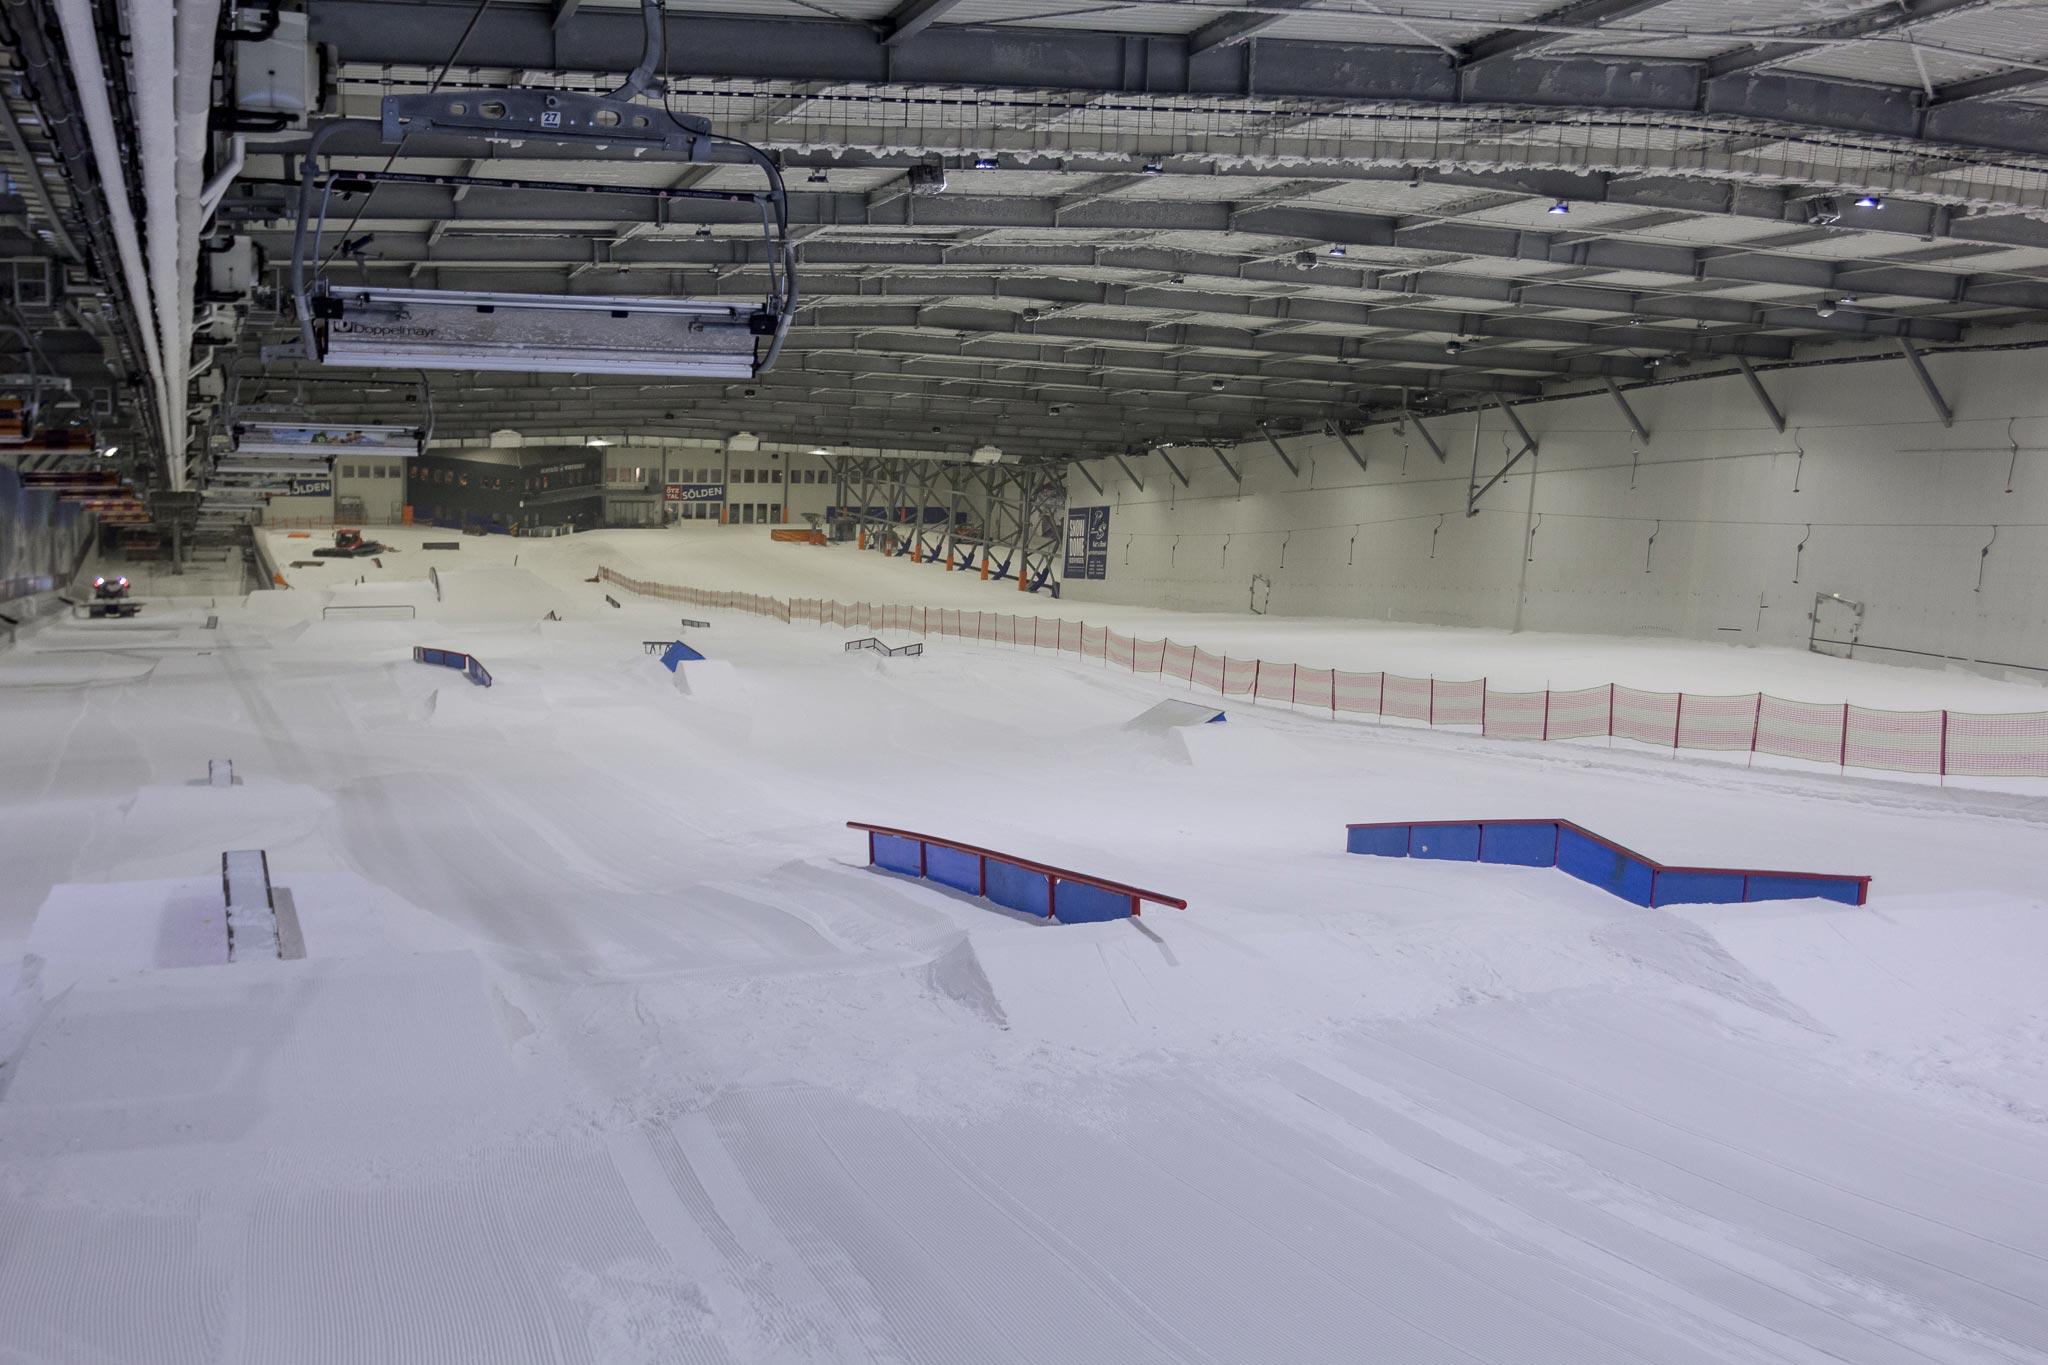 Was für ein Traum für Park-Shredder: Overview des neuen Setups im Snowpark Bispingen